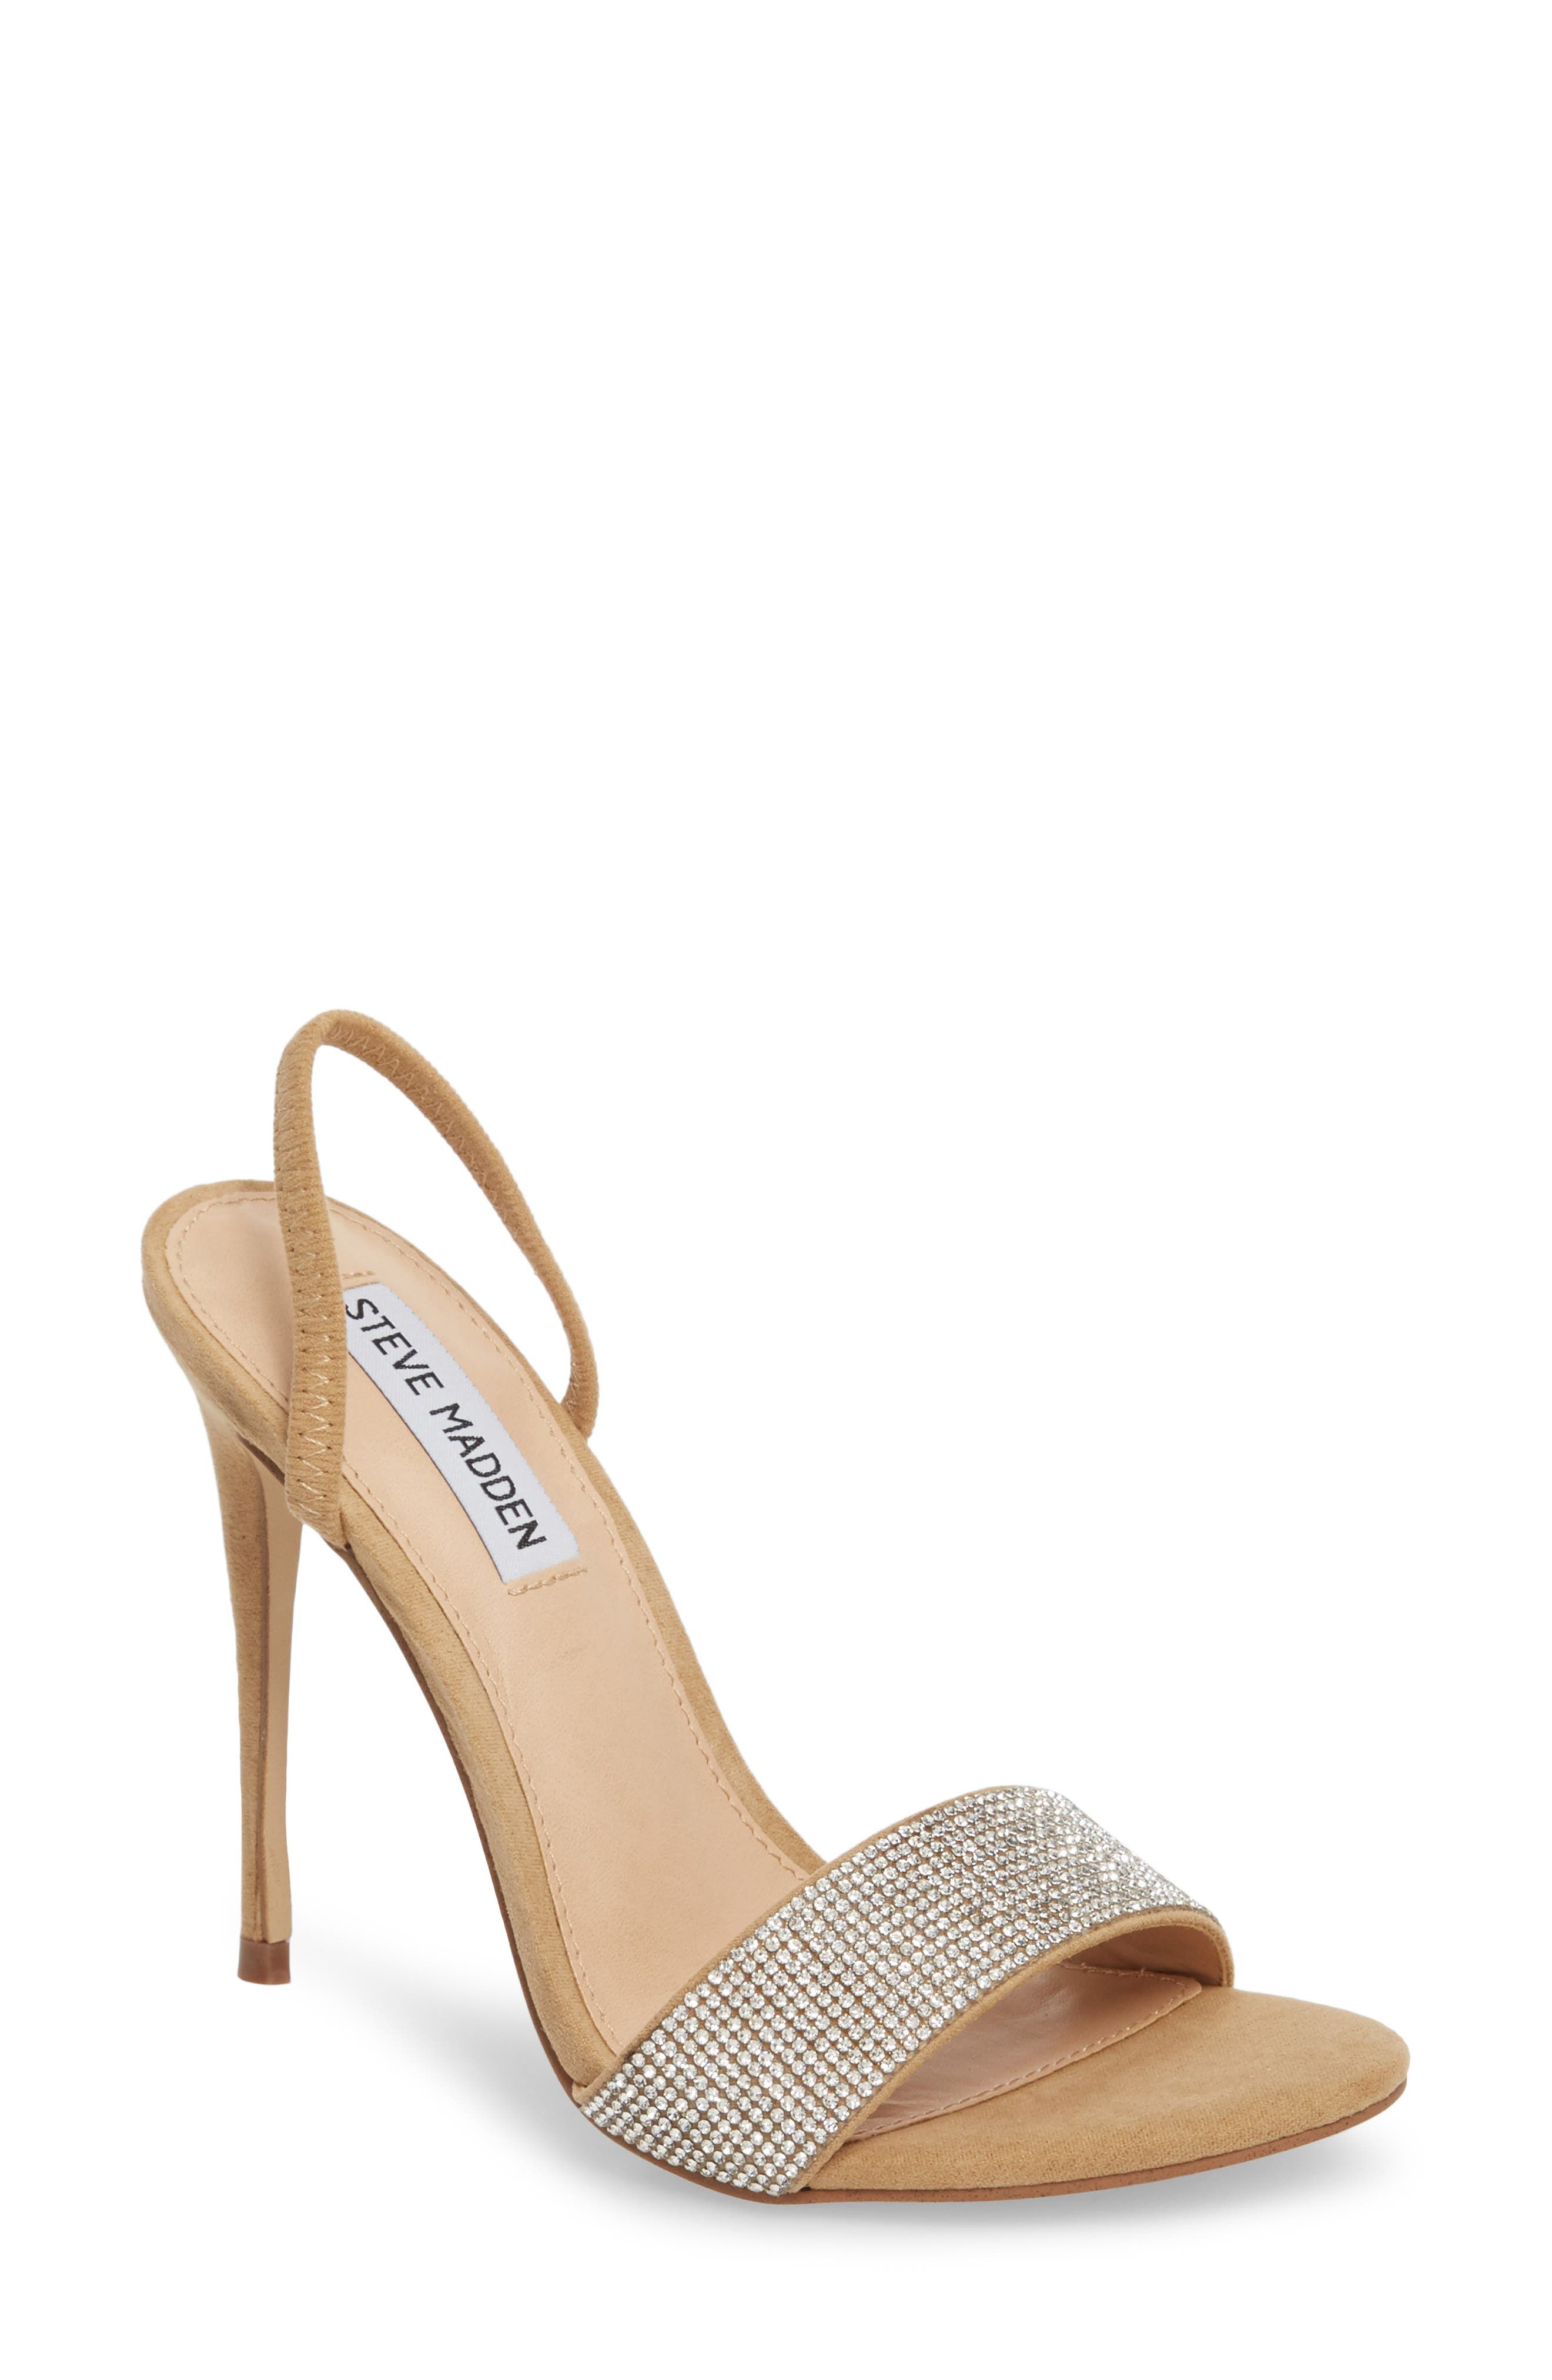 Fierce Sandal,                         Main,                         color, 040